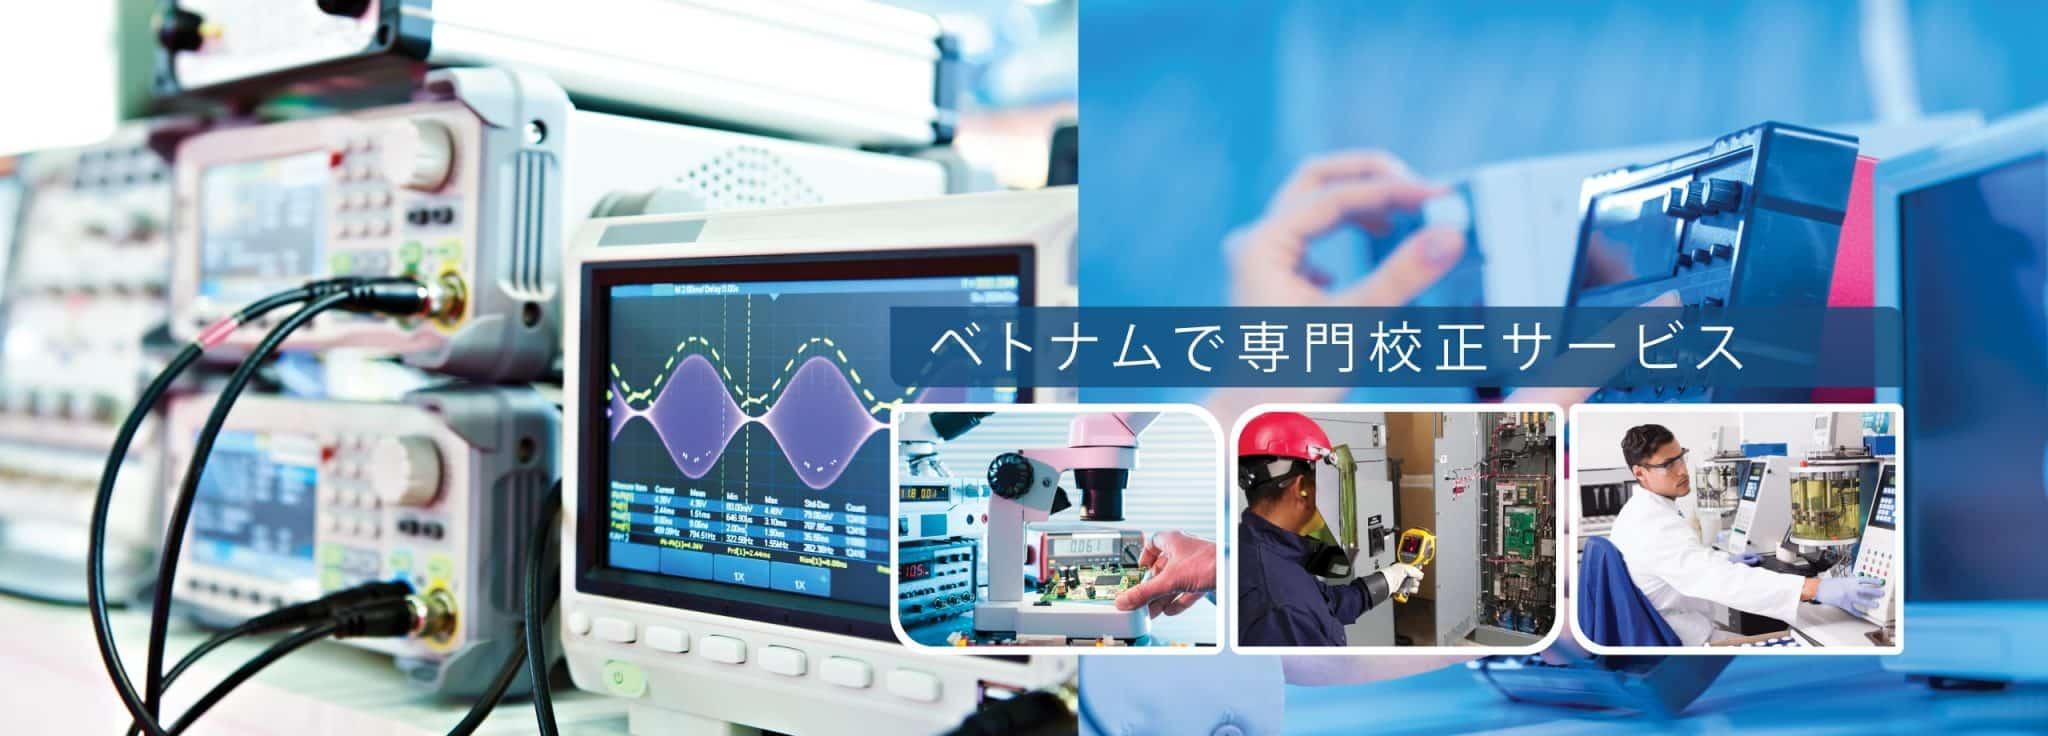 Banner web tiếng Nhật